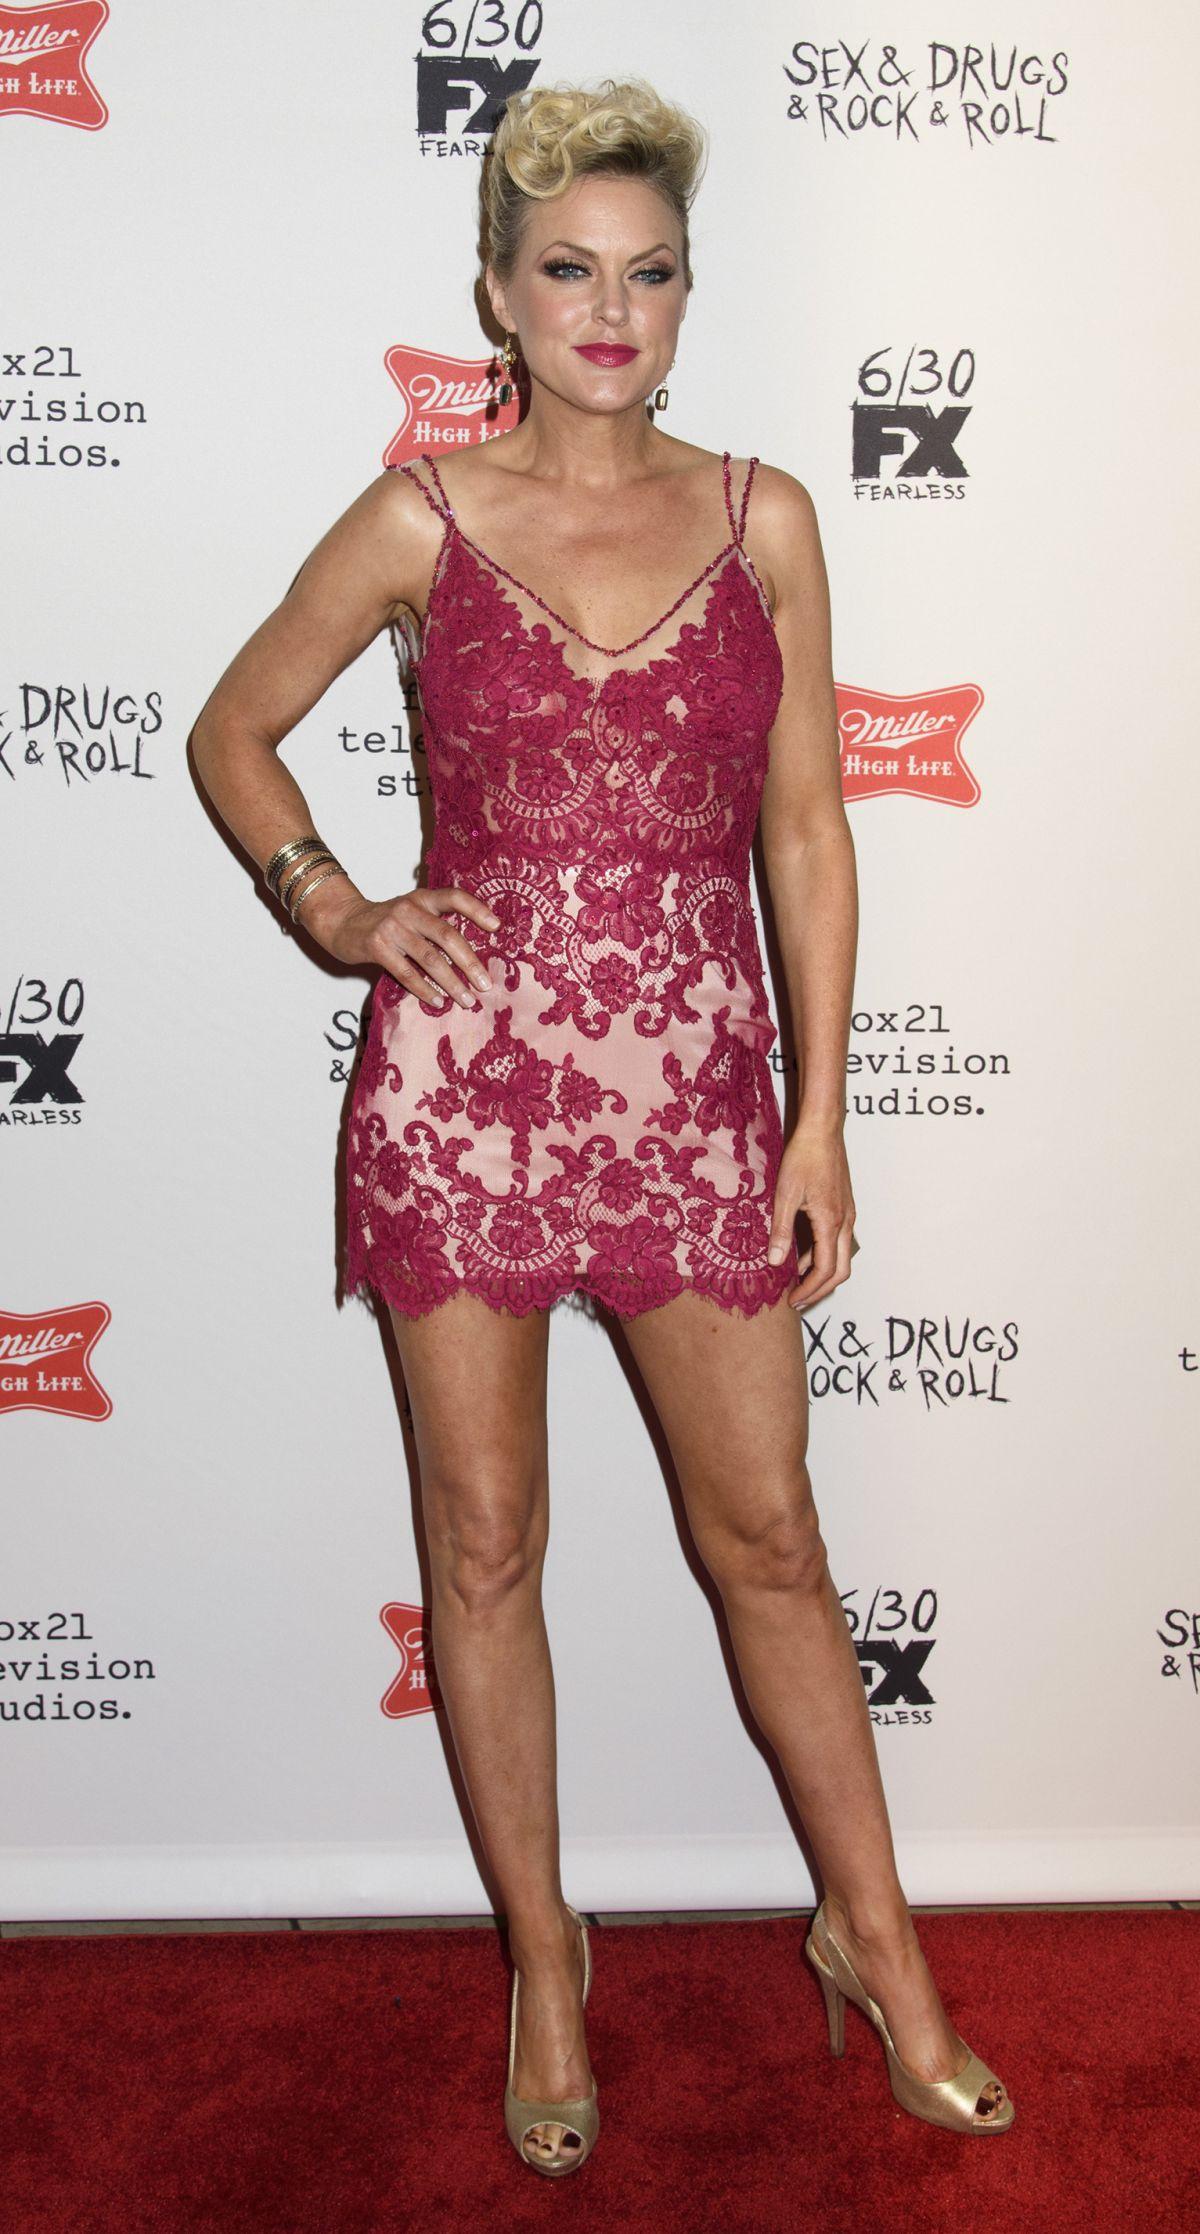 ELAINE HENDRIX at Sex & Drugs & Rock & Roll Season 2 ...Elaine Hendrix Legs